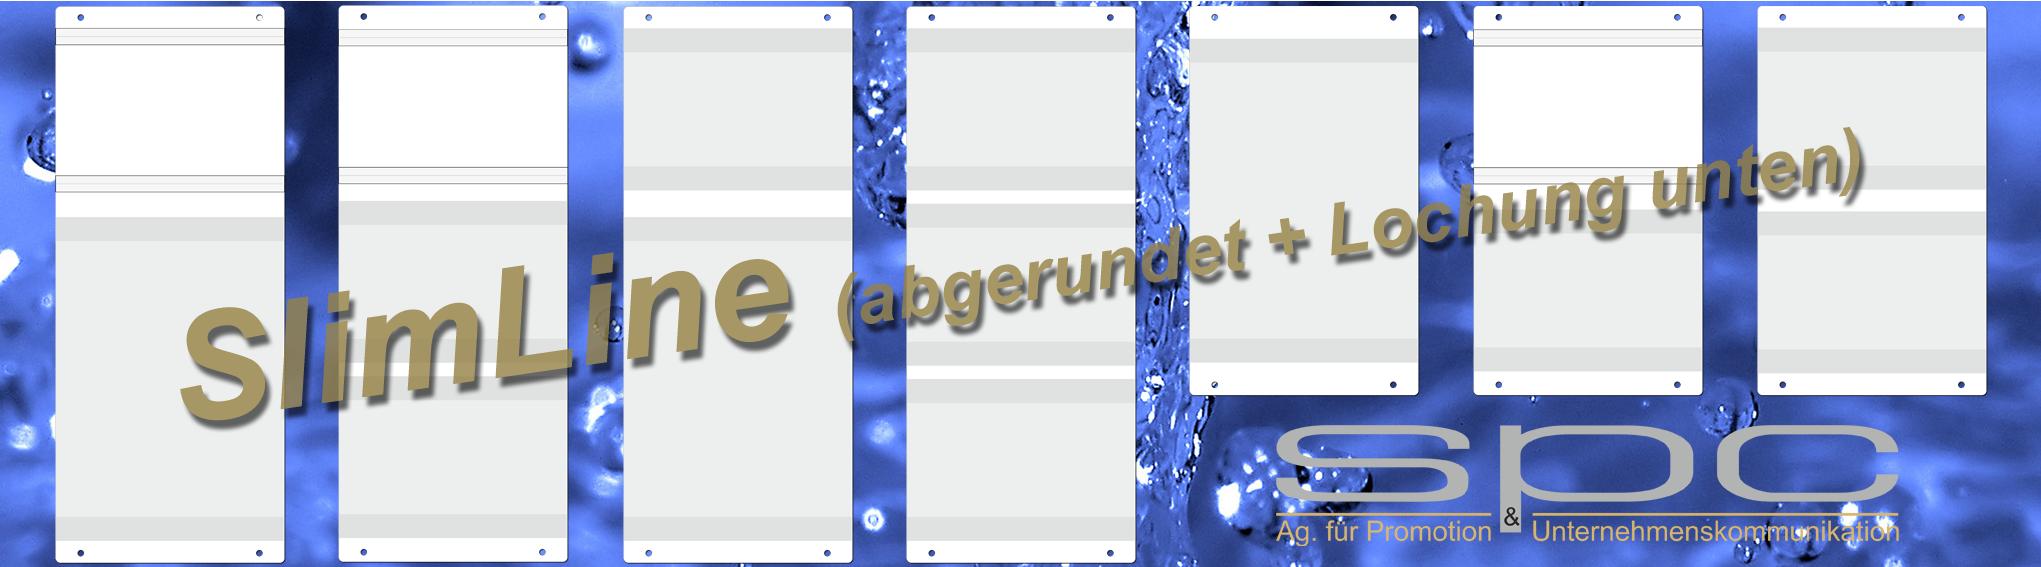 Banner-GS-SlimLine-abgerundet-Lochung